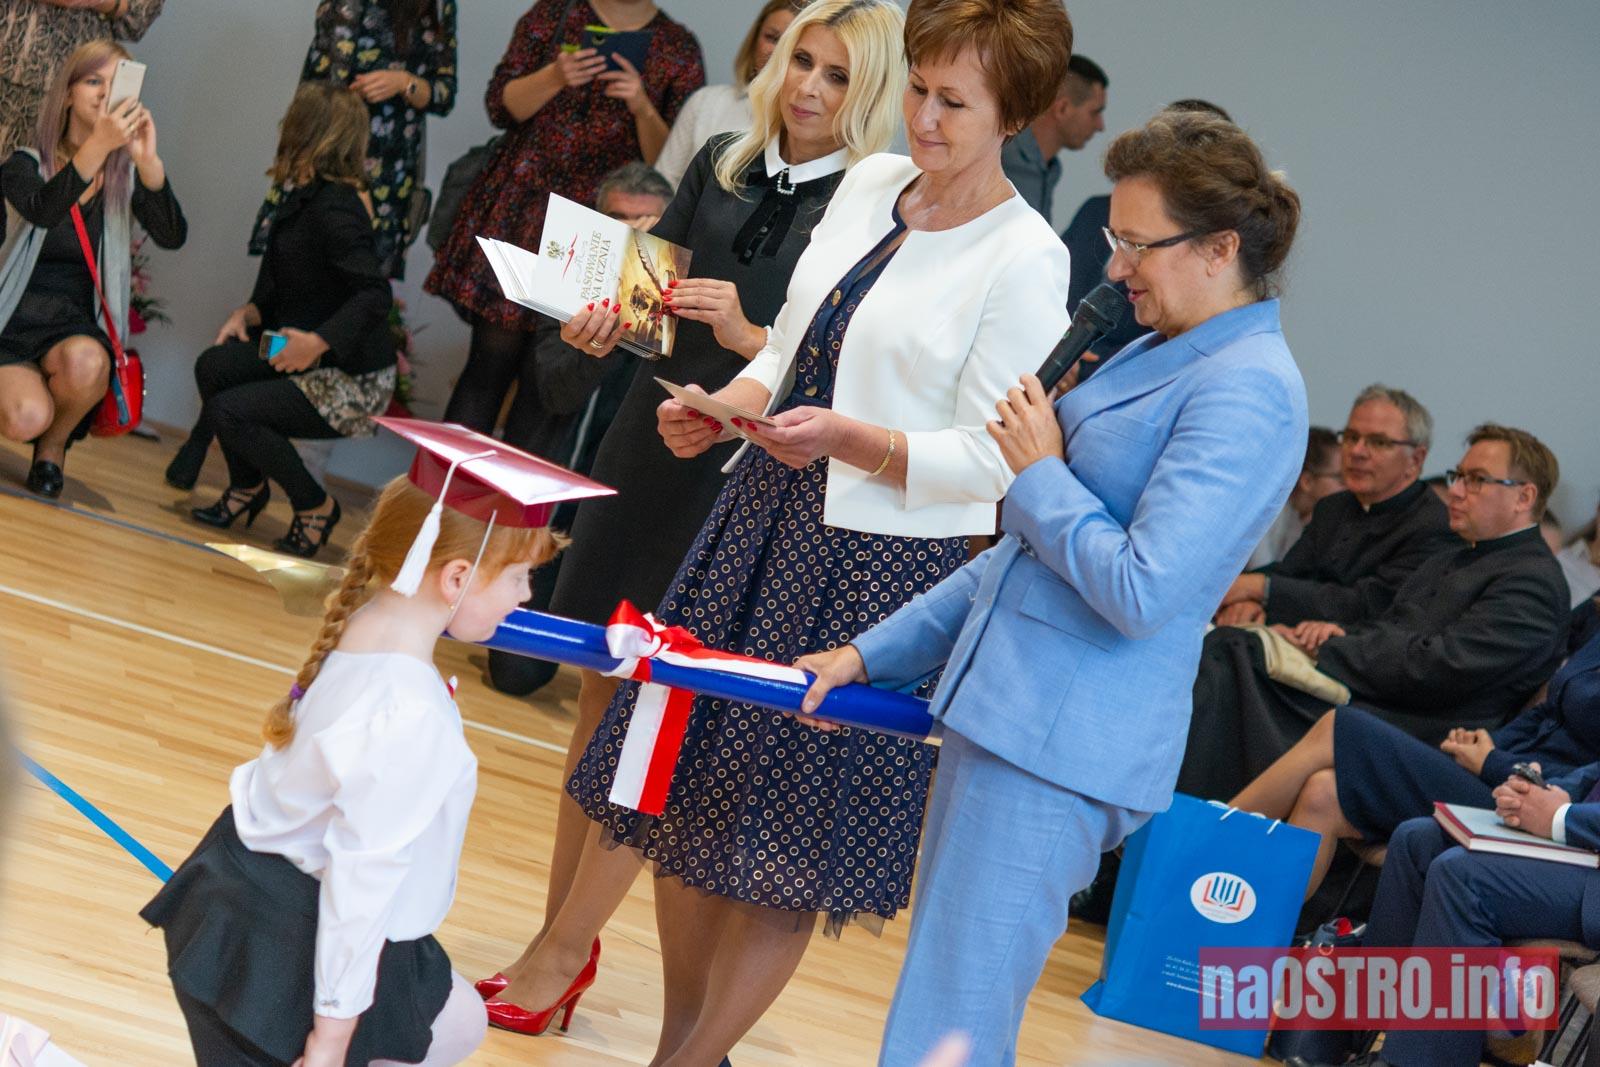 NaOSTRO Otwarcie Szkoły w Bałtowie-155